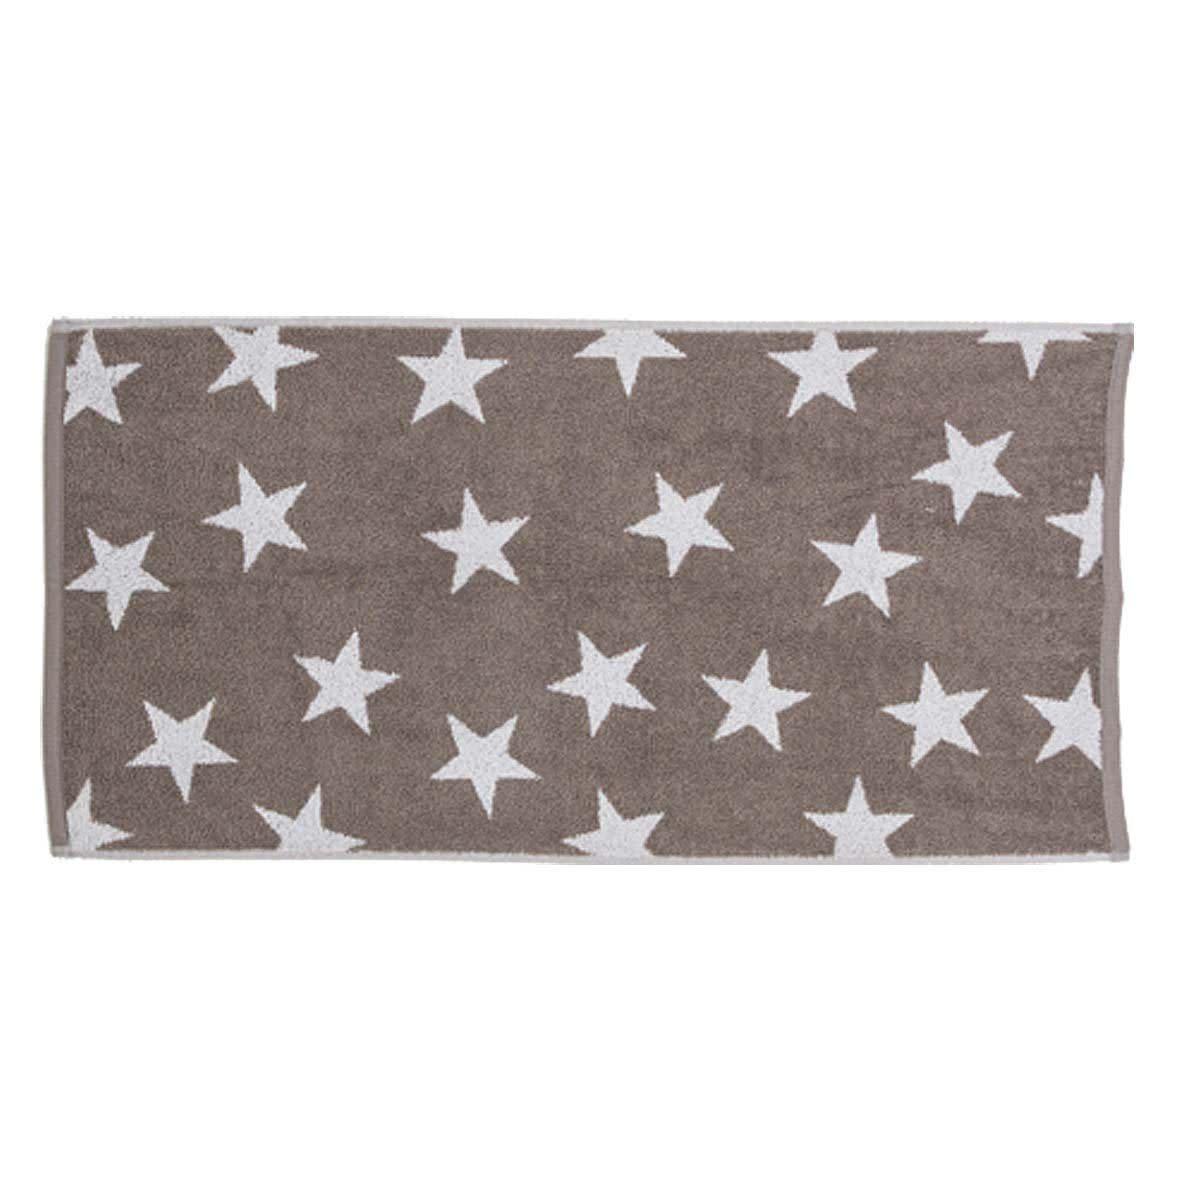 Handtuch Sterne im Alloverdruck, Baumwolle 50x100 cm